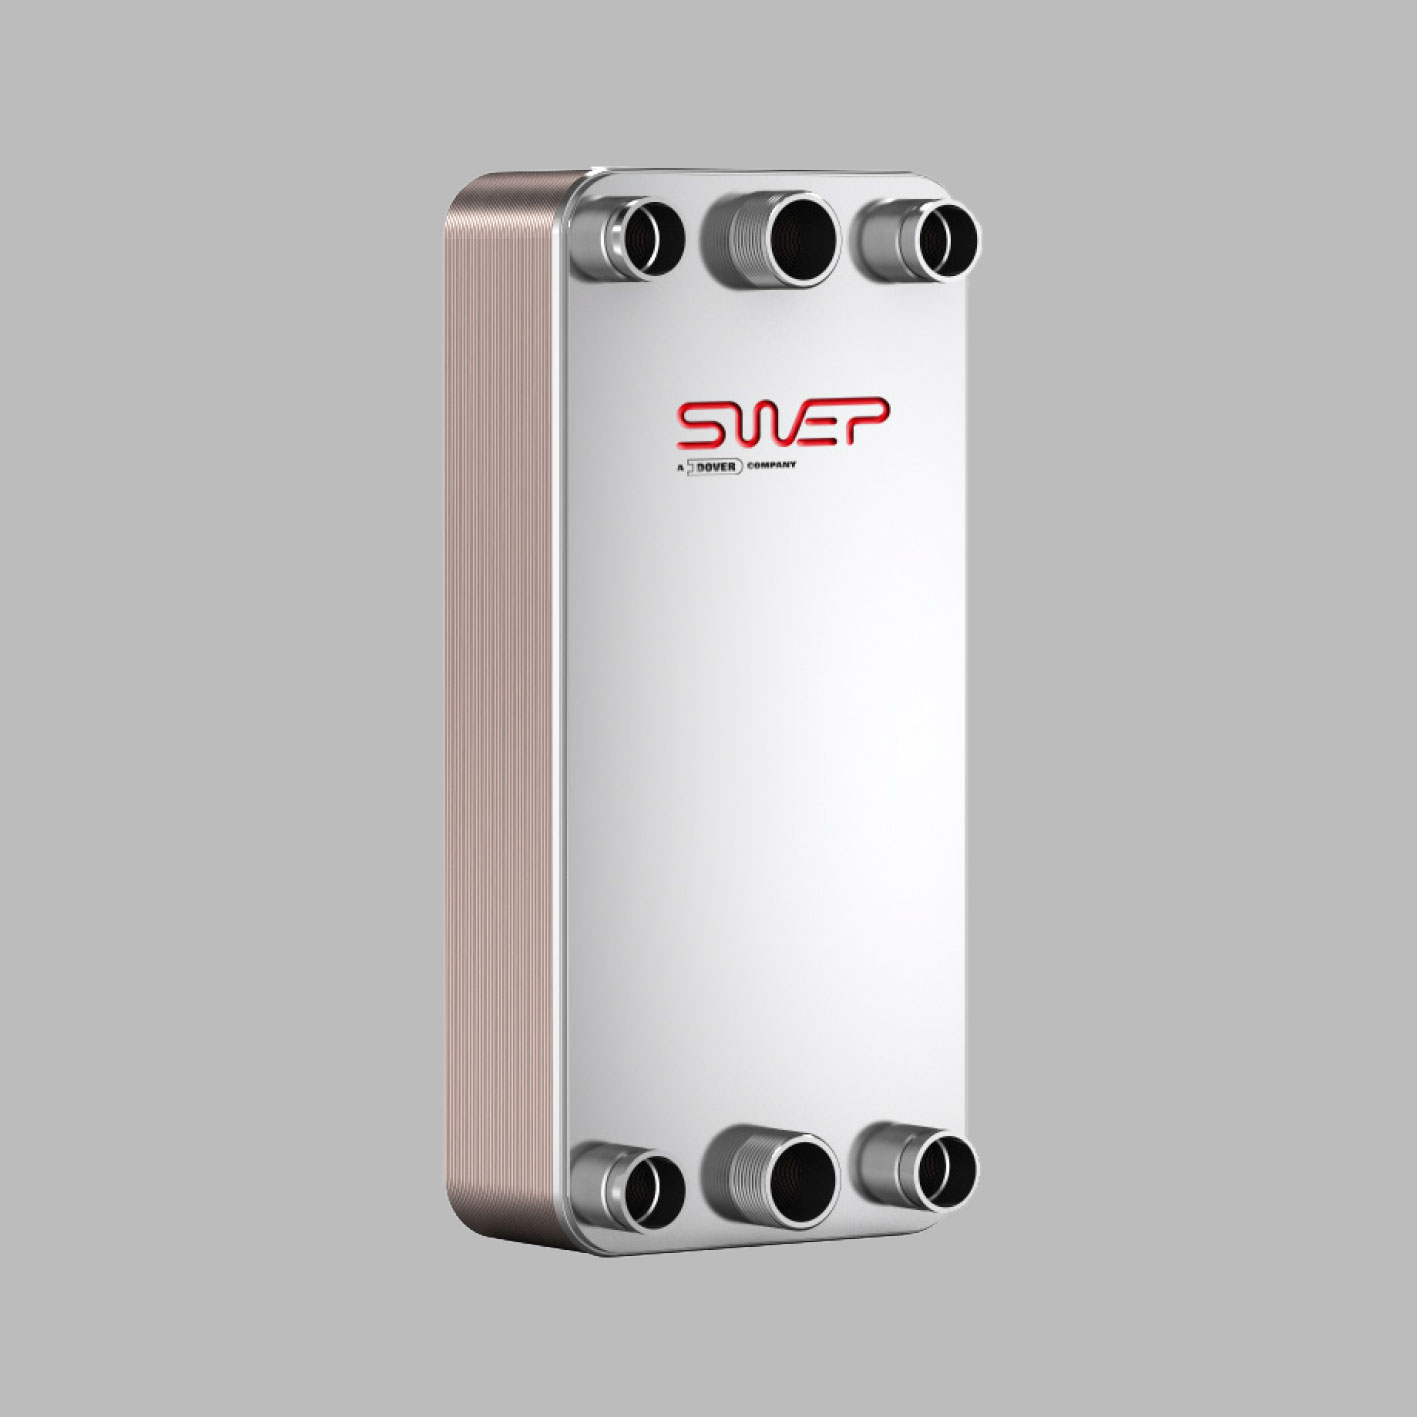 Паяные теплообменники SWEP типа DP